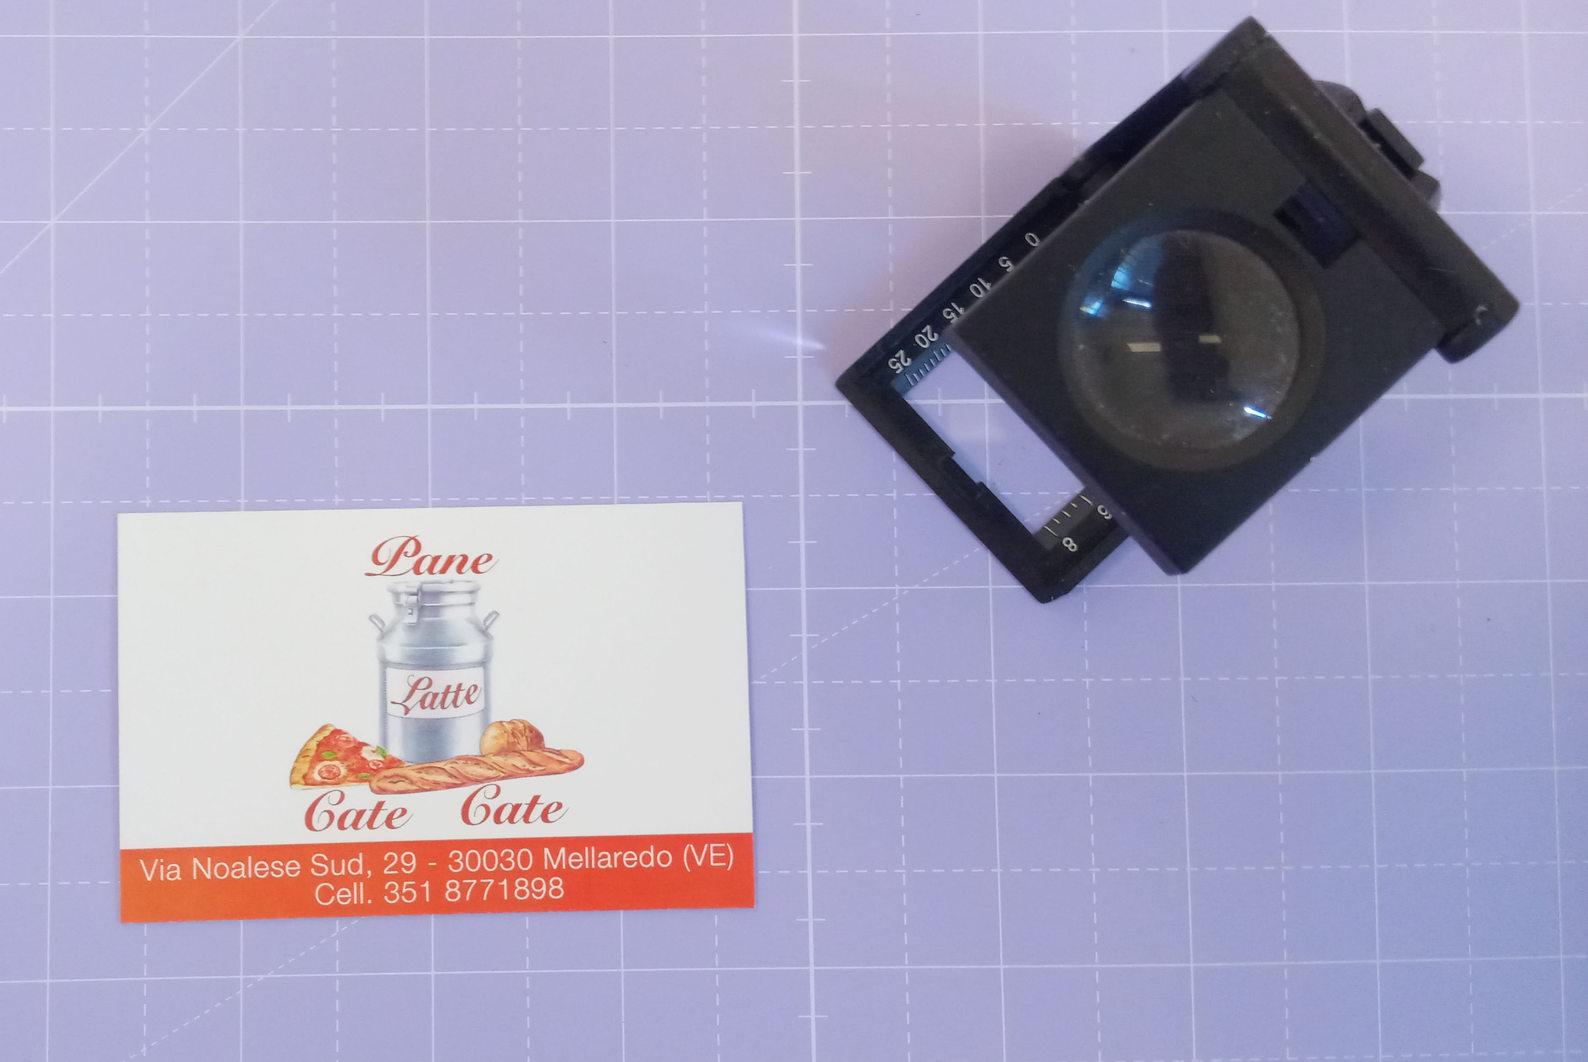 Grafica, stampa e realizzazione Biglietto da visita Pane Latte Cate Cate a 4/0 colori su carta patinata opaca